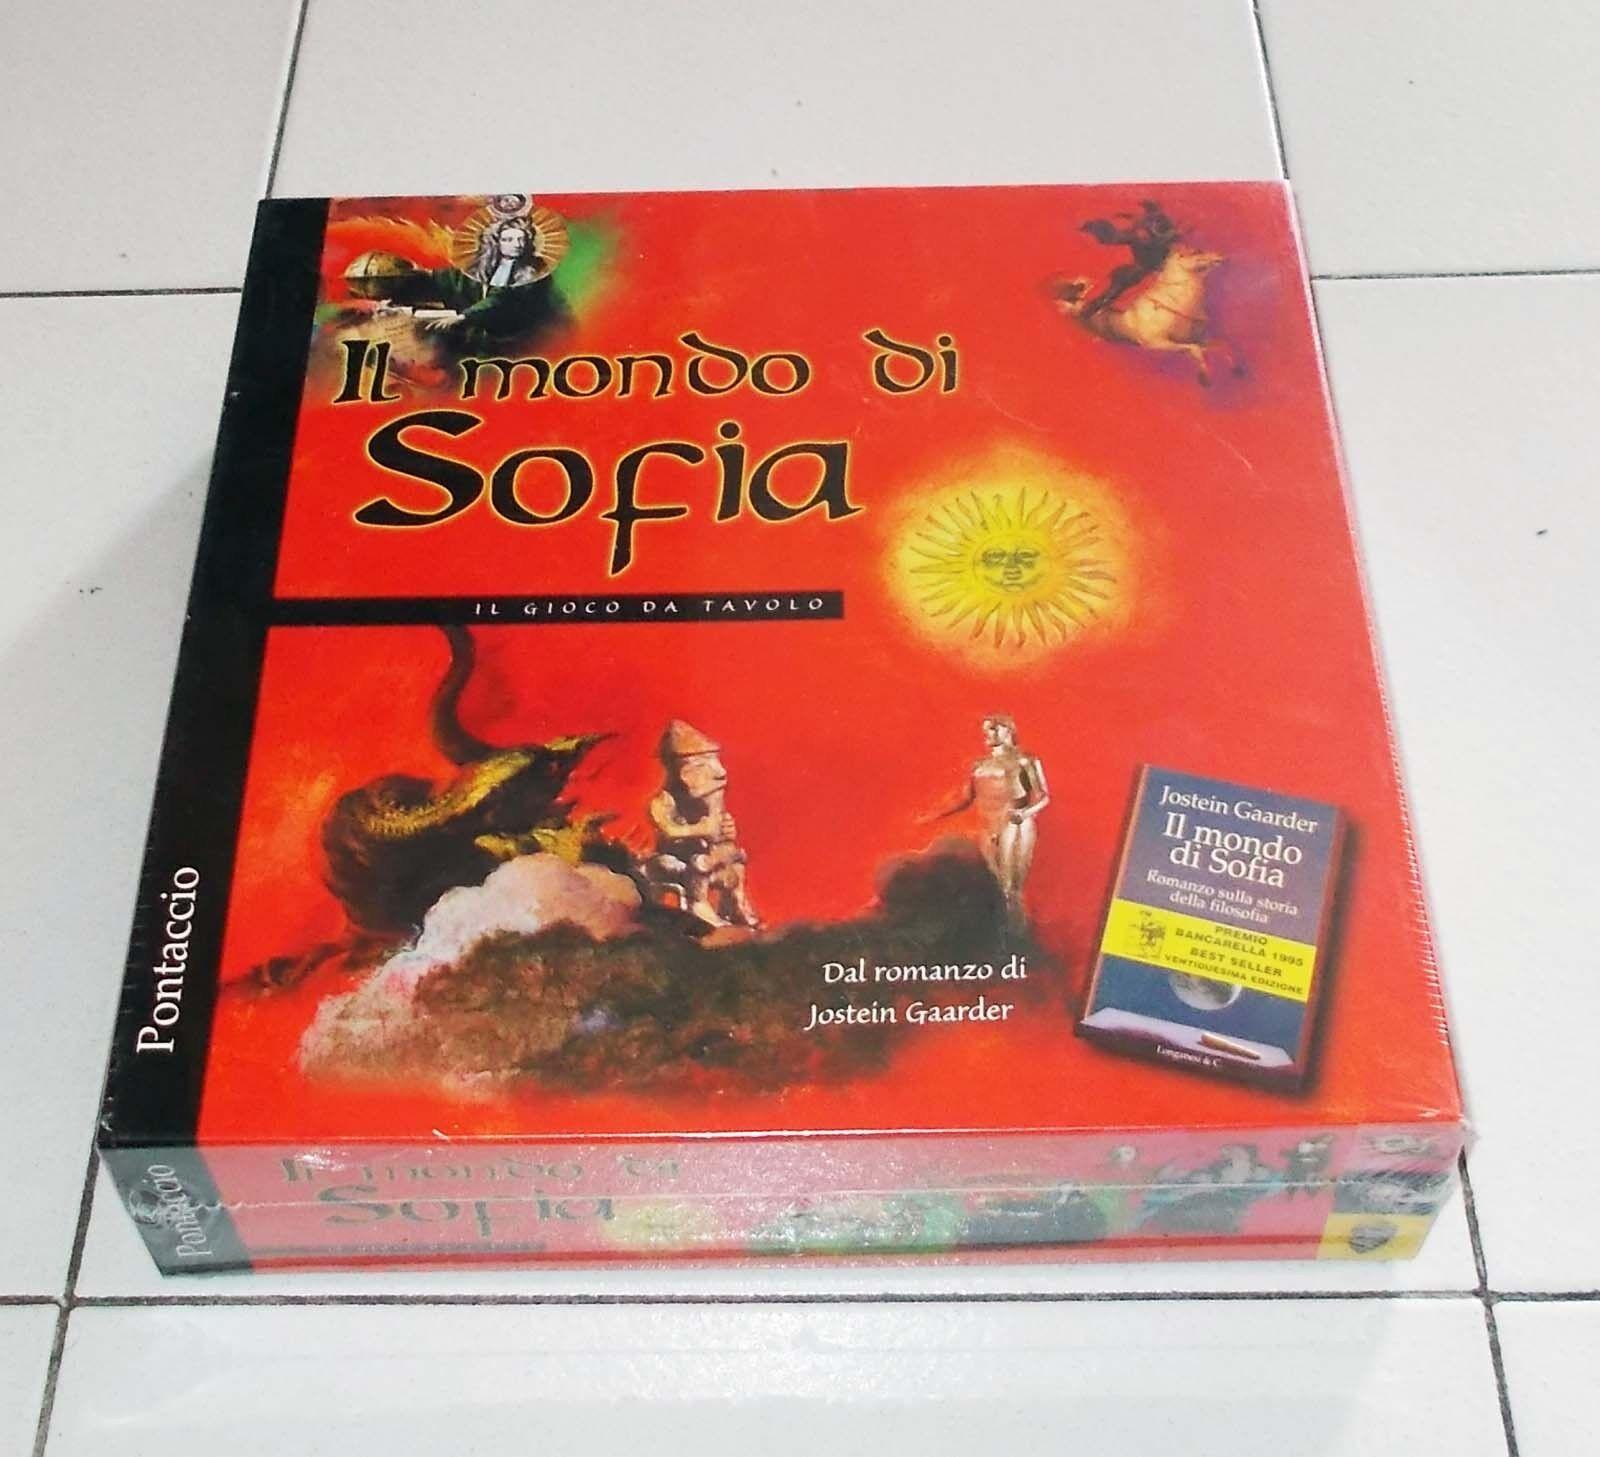 IL MONDO DI SOFIA Il gioco da tavolo  – Pontaccio 1998 Jostein Gaarder NUOVO  shopping online di moda